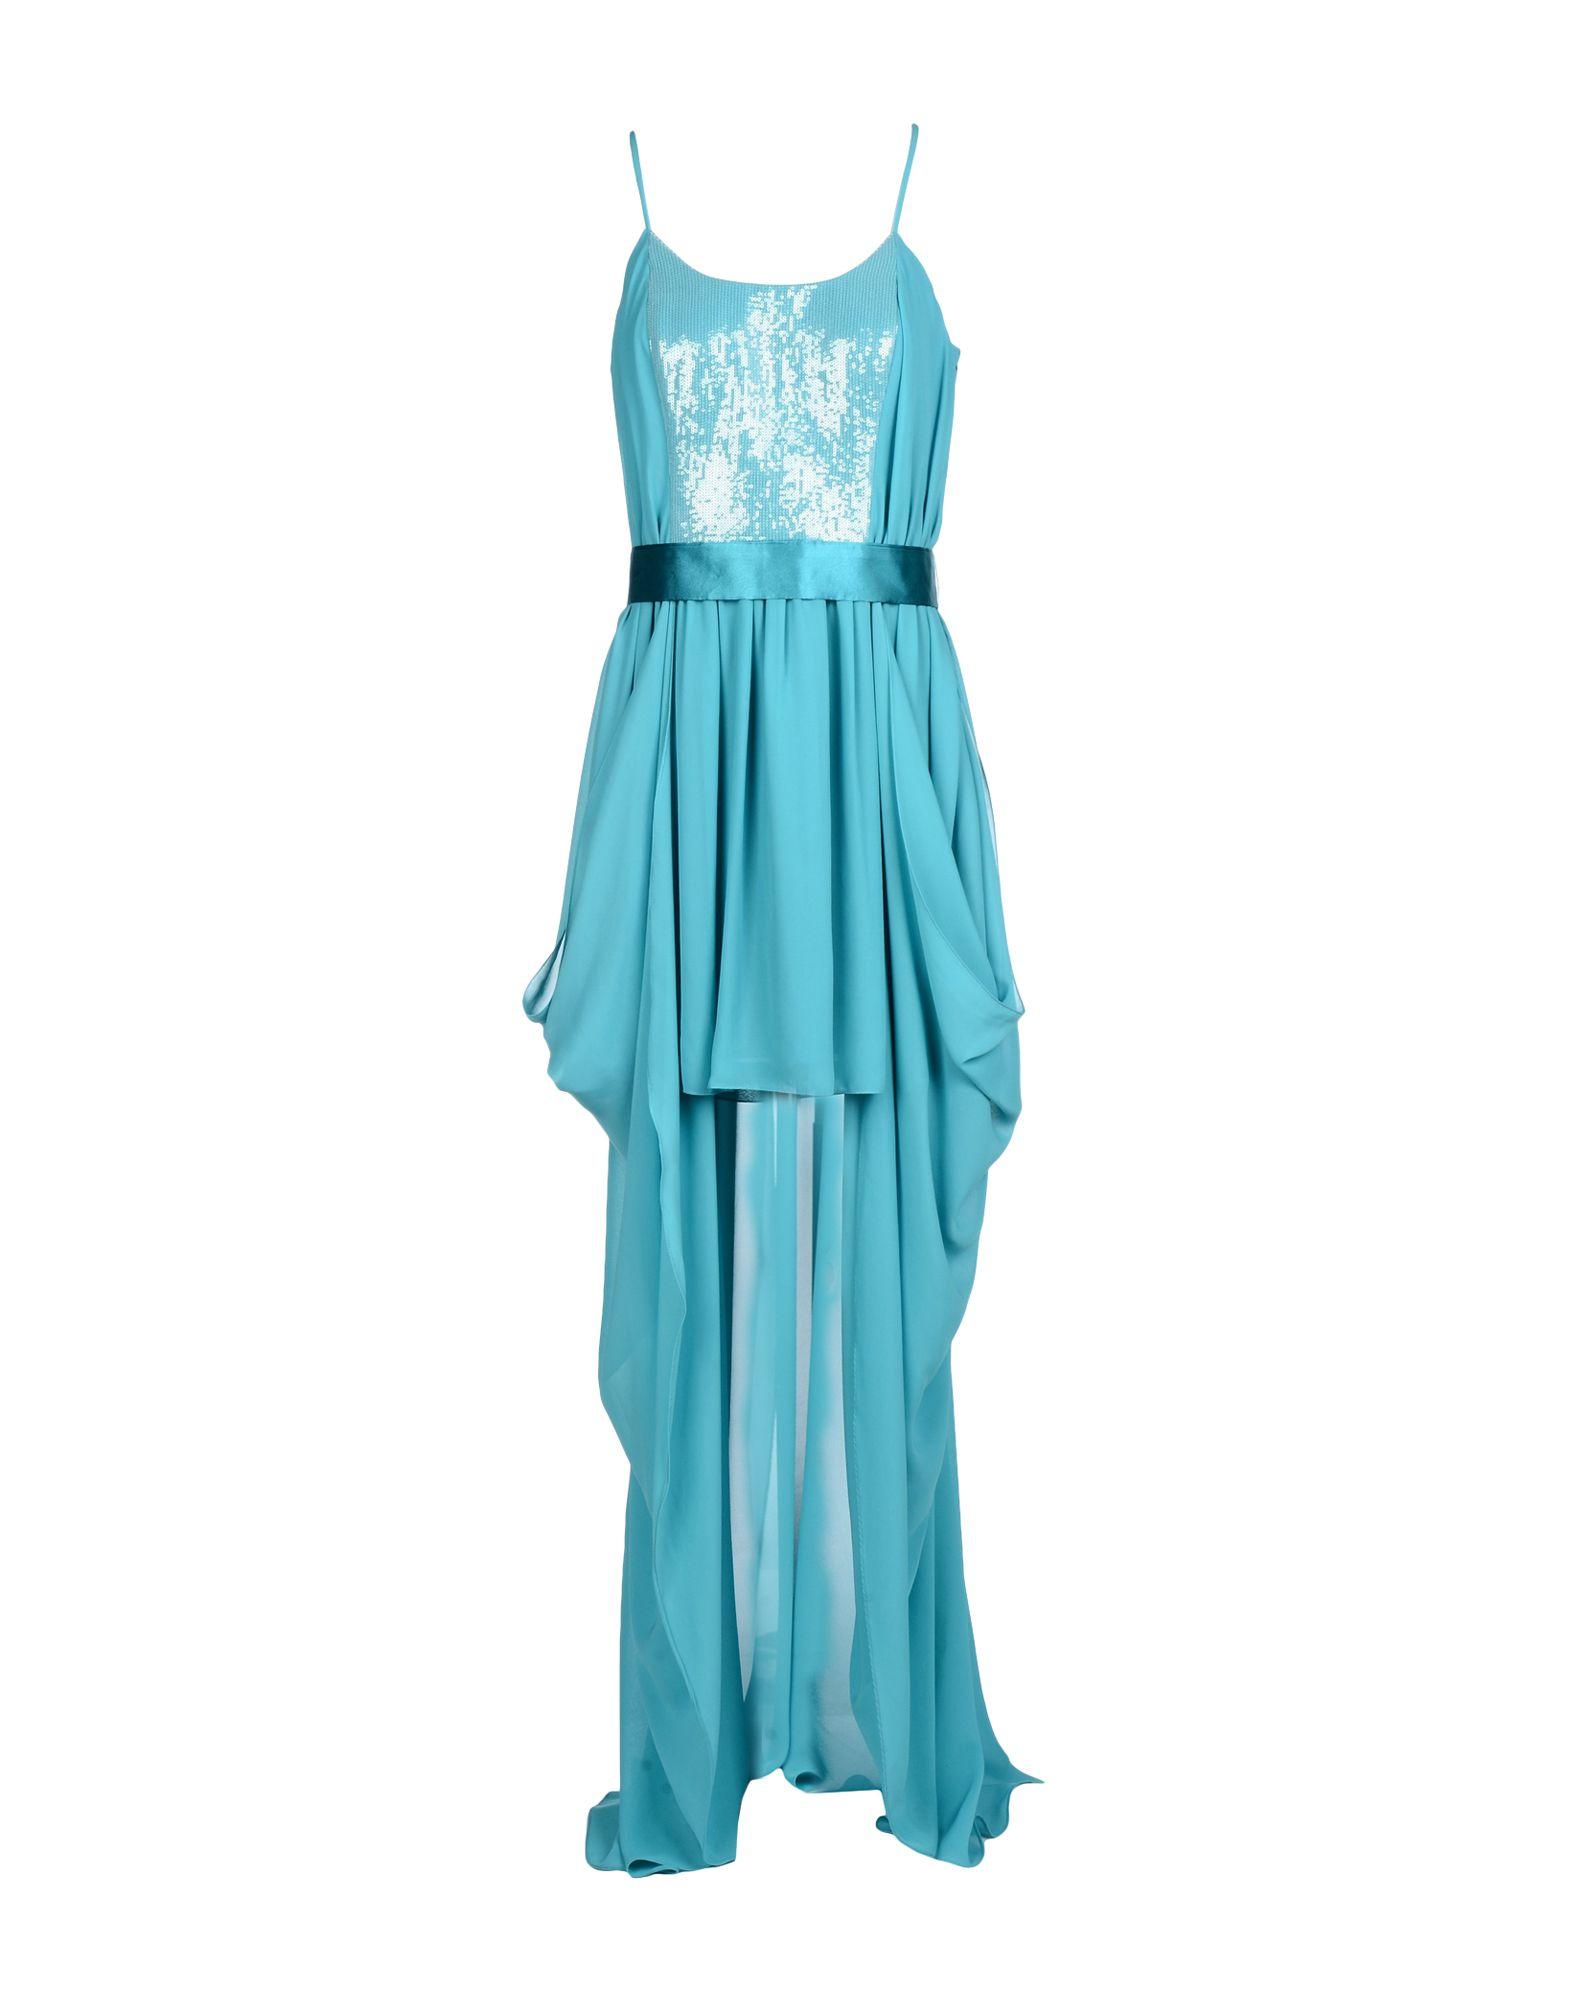 jolie короткое платье JOLIE CARLO PIGNATELLI Короткое платье